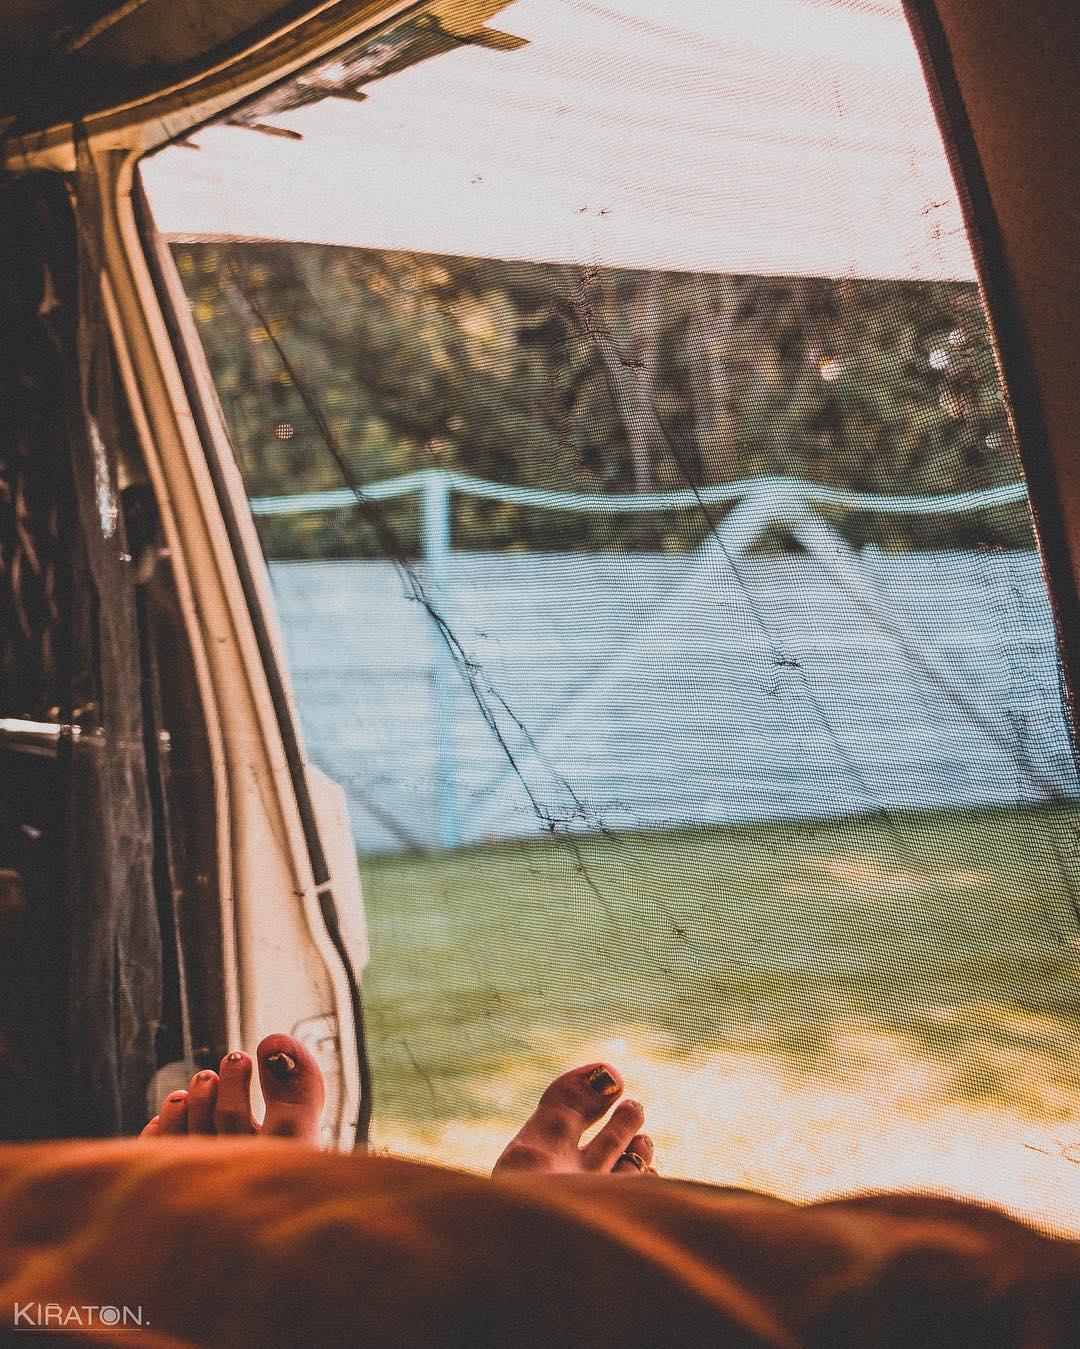 Blick aus meinem Fenster. Window with a view. Morgens im Urlaub, halb elf in SPO. Der Blick aus meinem Fenster bzw. Bulli.